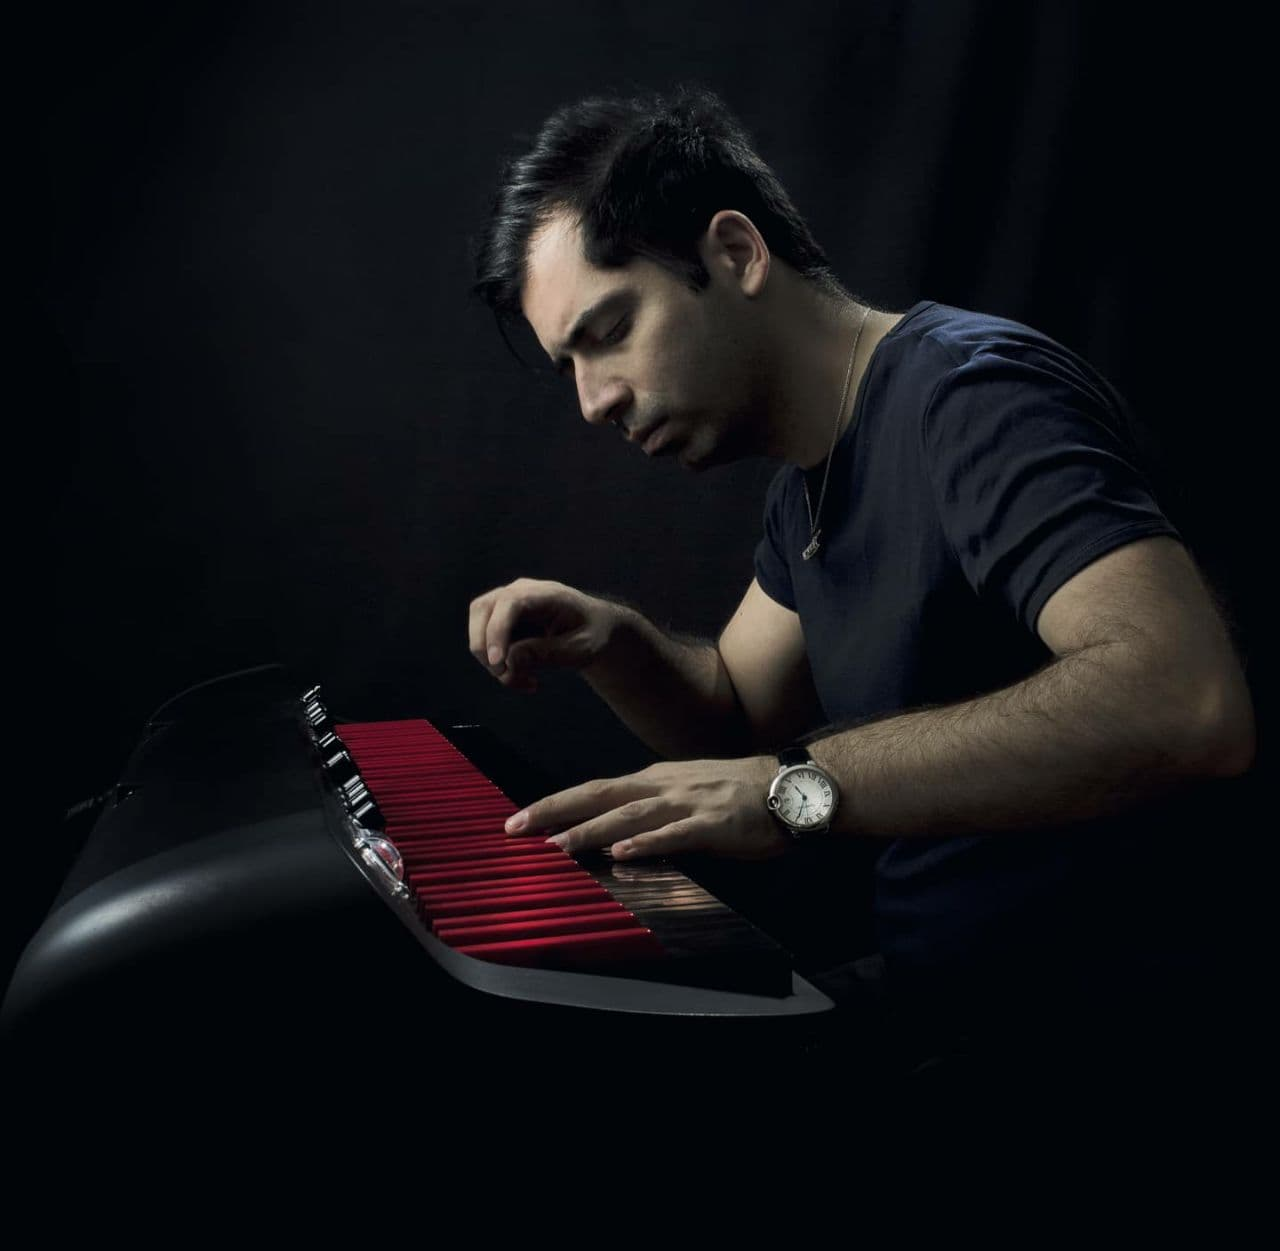 دانیال شهرتی پیانو نواختن